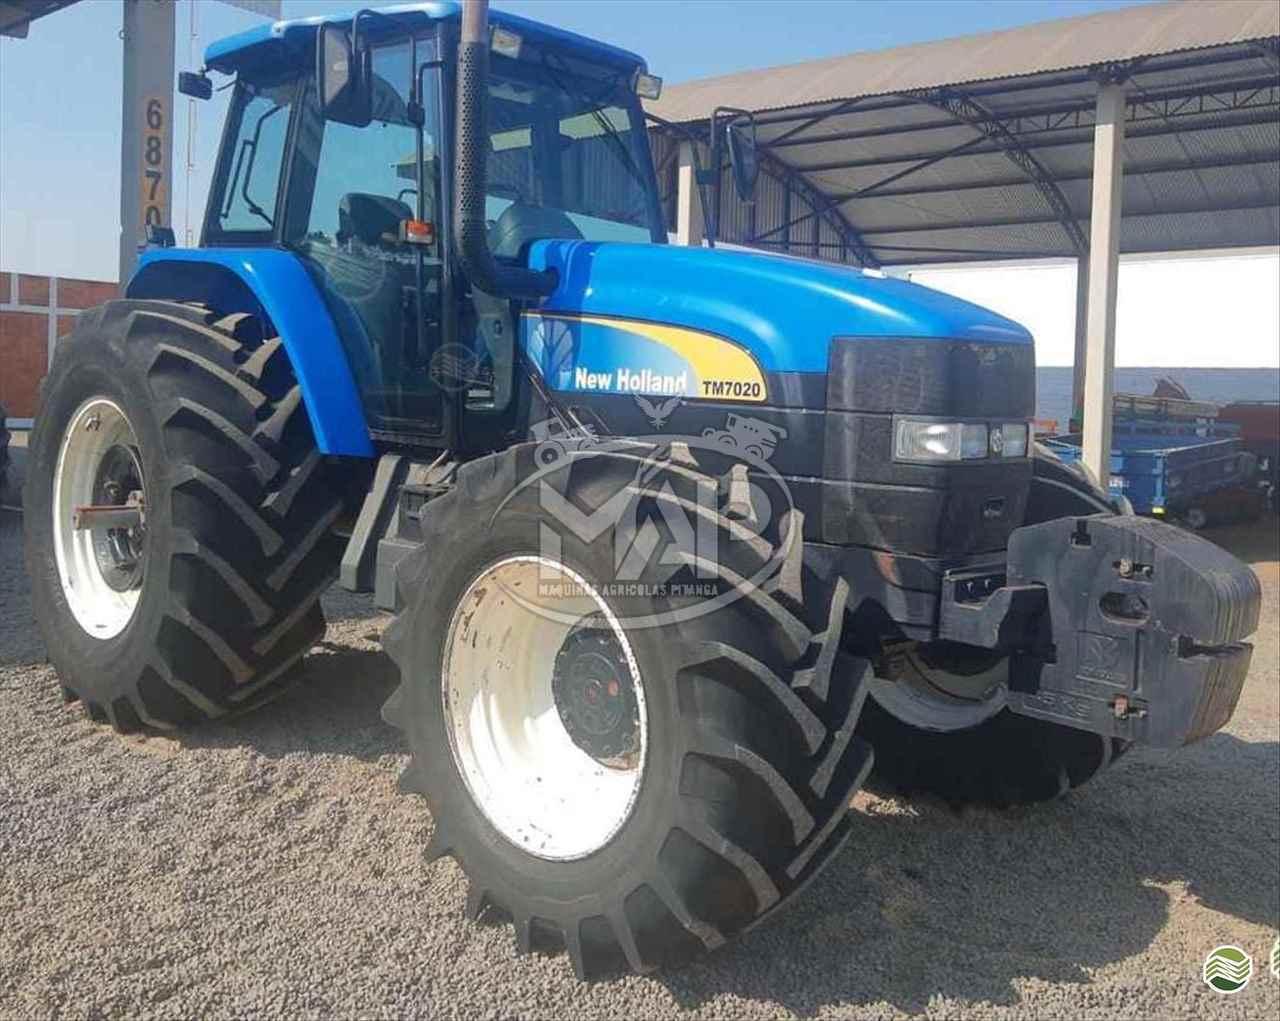 TRATOR NEW HOLLAND NEW TM 7020 Tração 4x4 Máquinas Agrícolas Pitanga PITANGA PARANÁ PR